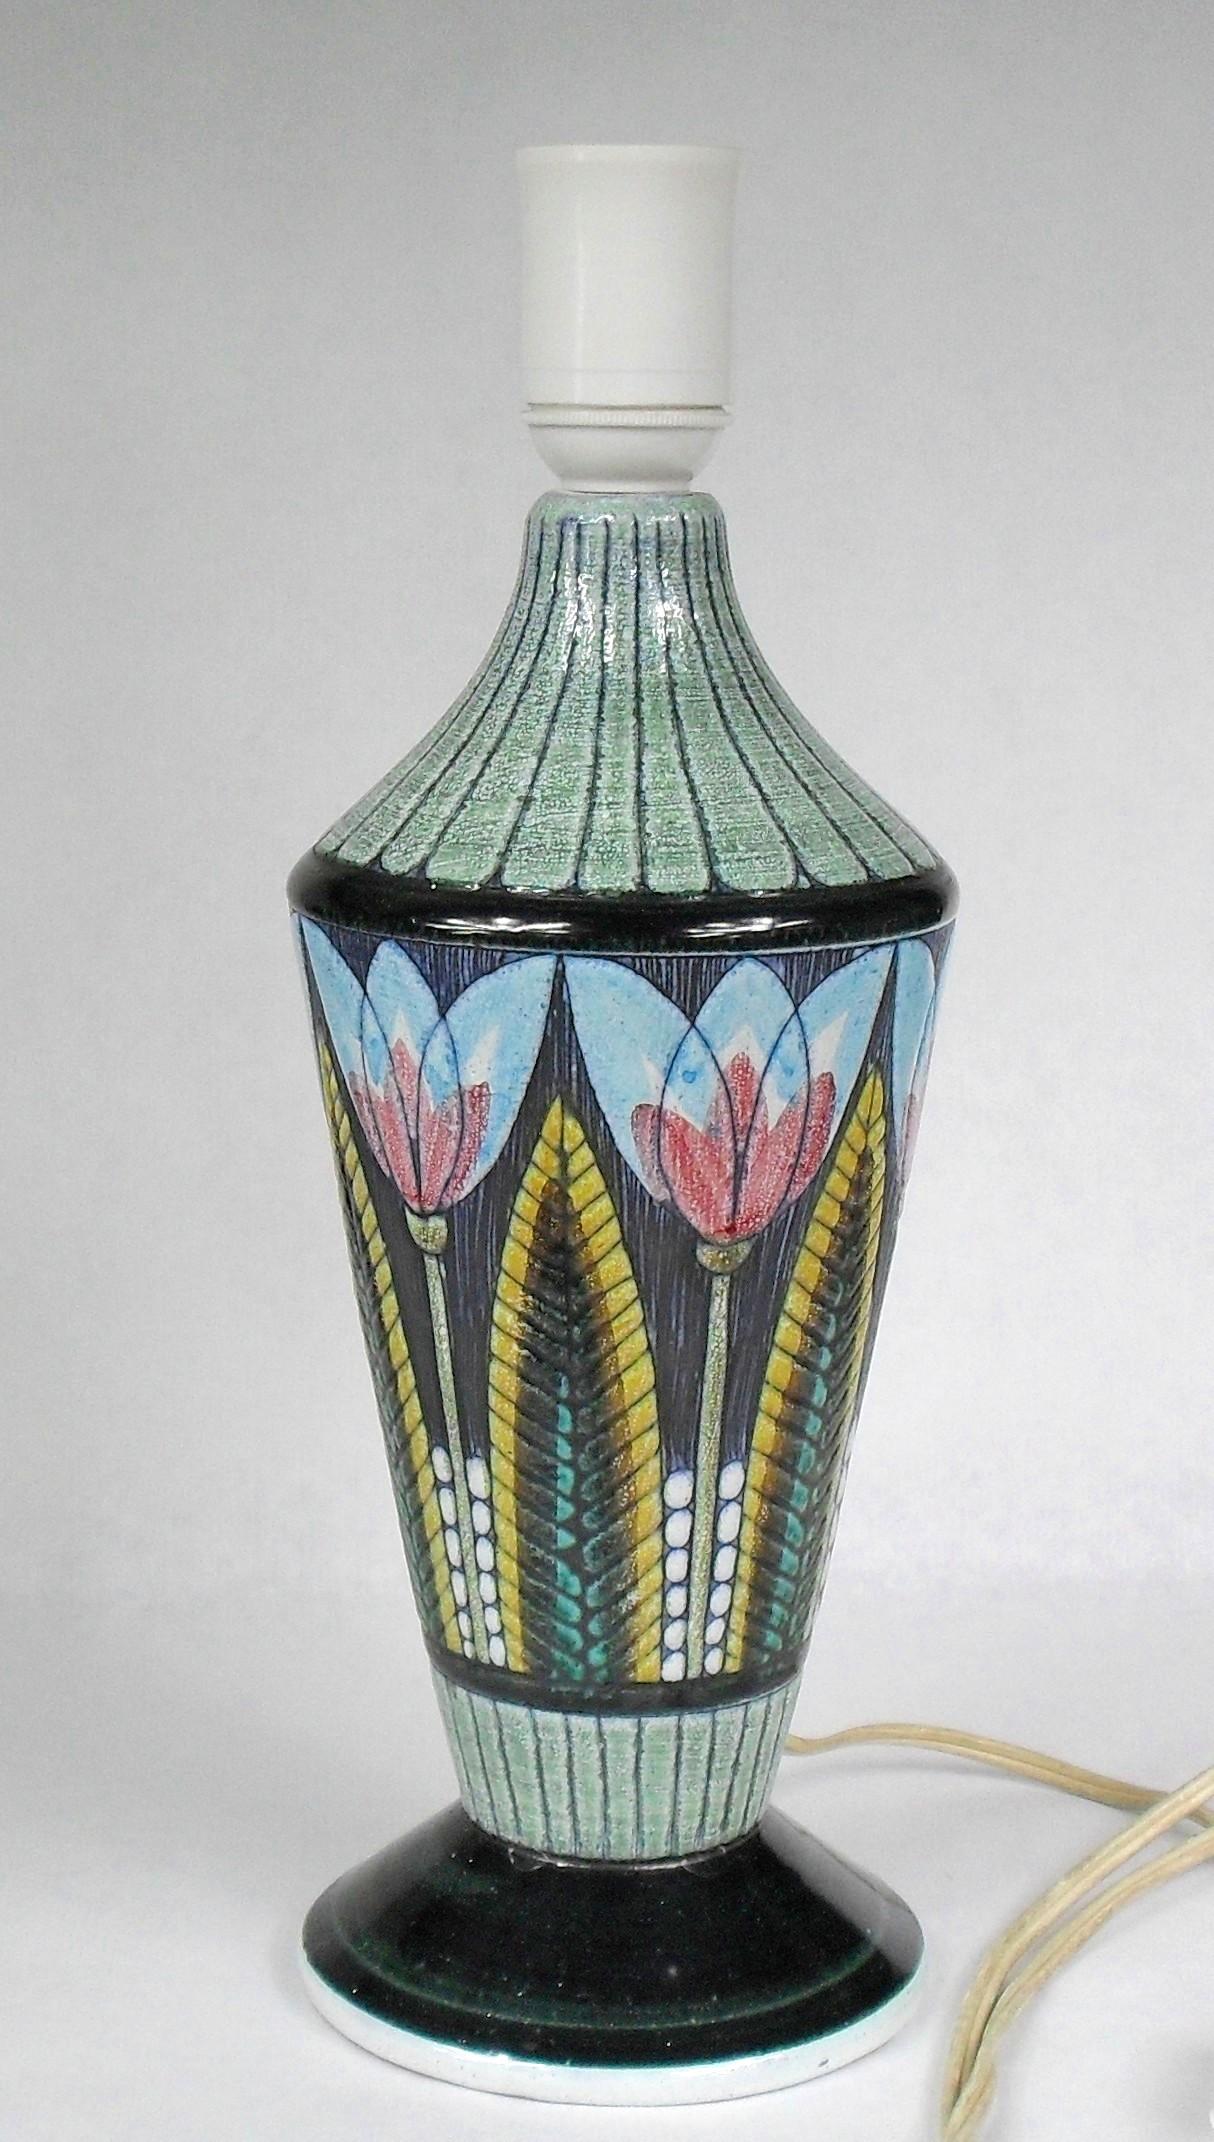 Bordslampa Lampfot Tilgmans Keramik